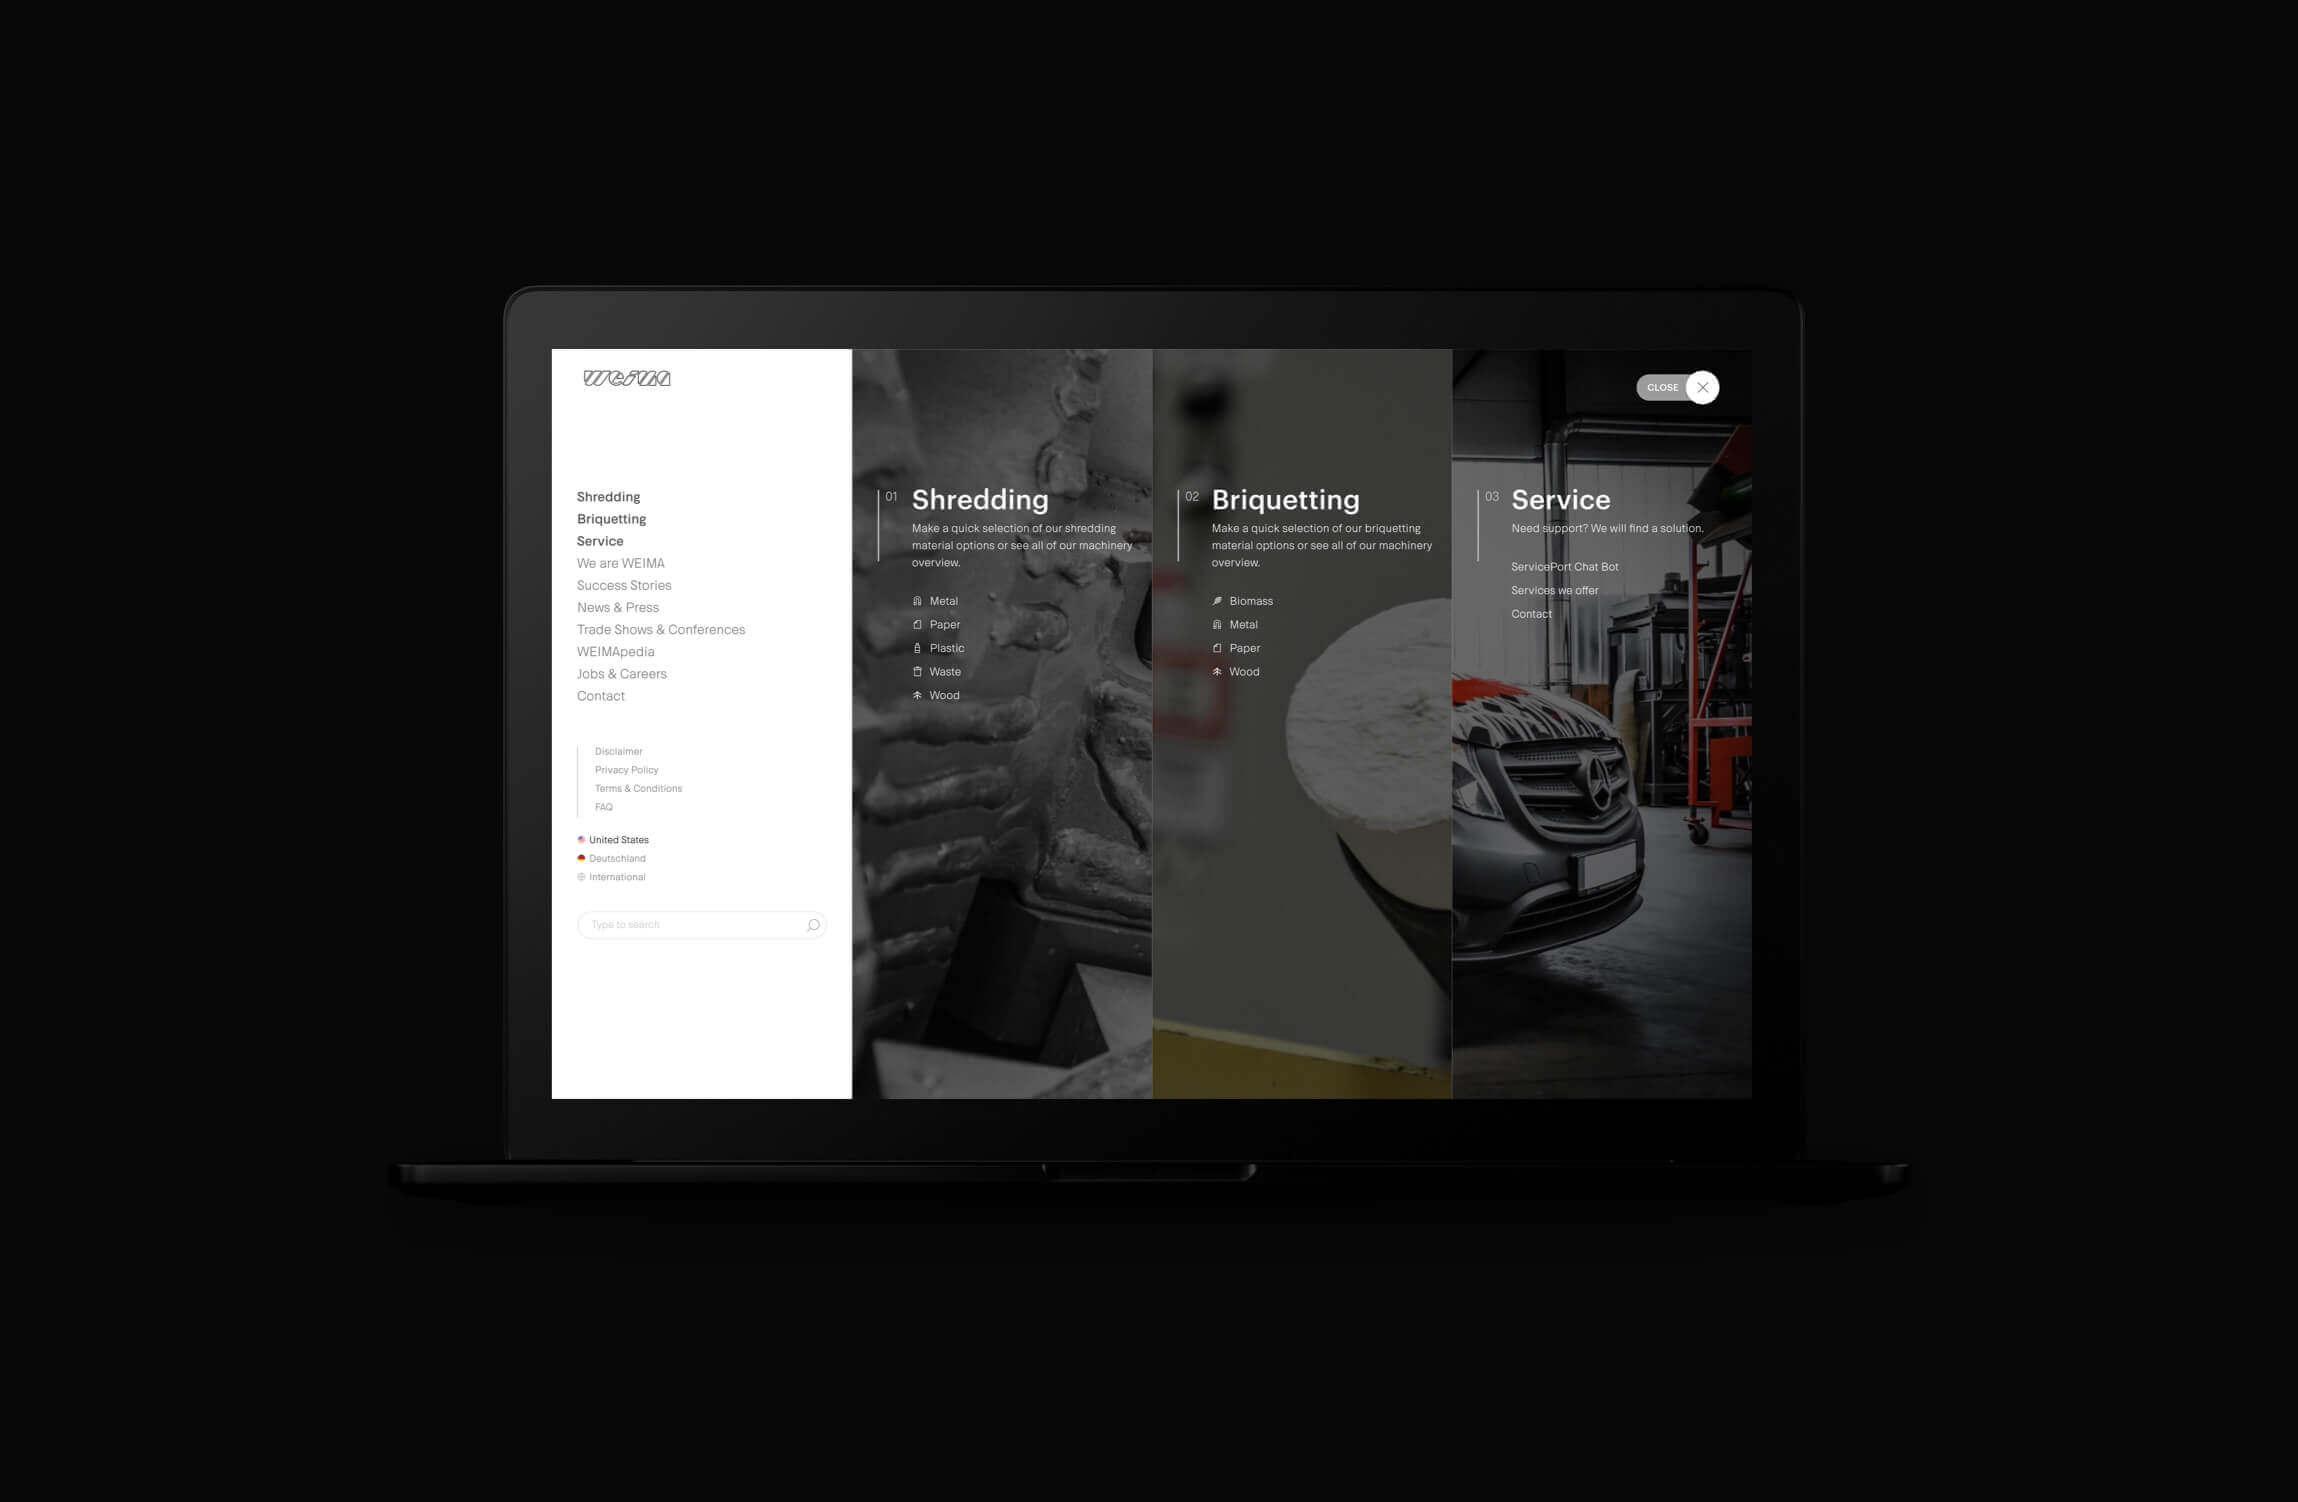 Weima menu met shredding, briquetting en service onderdelen